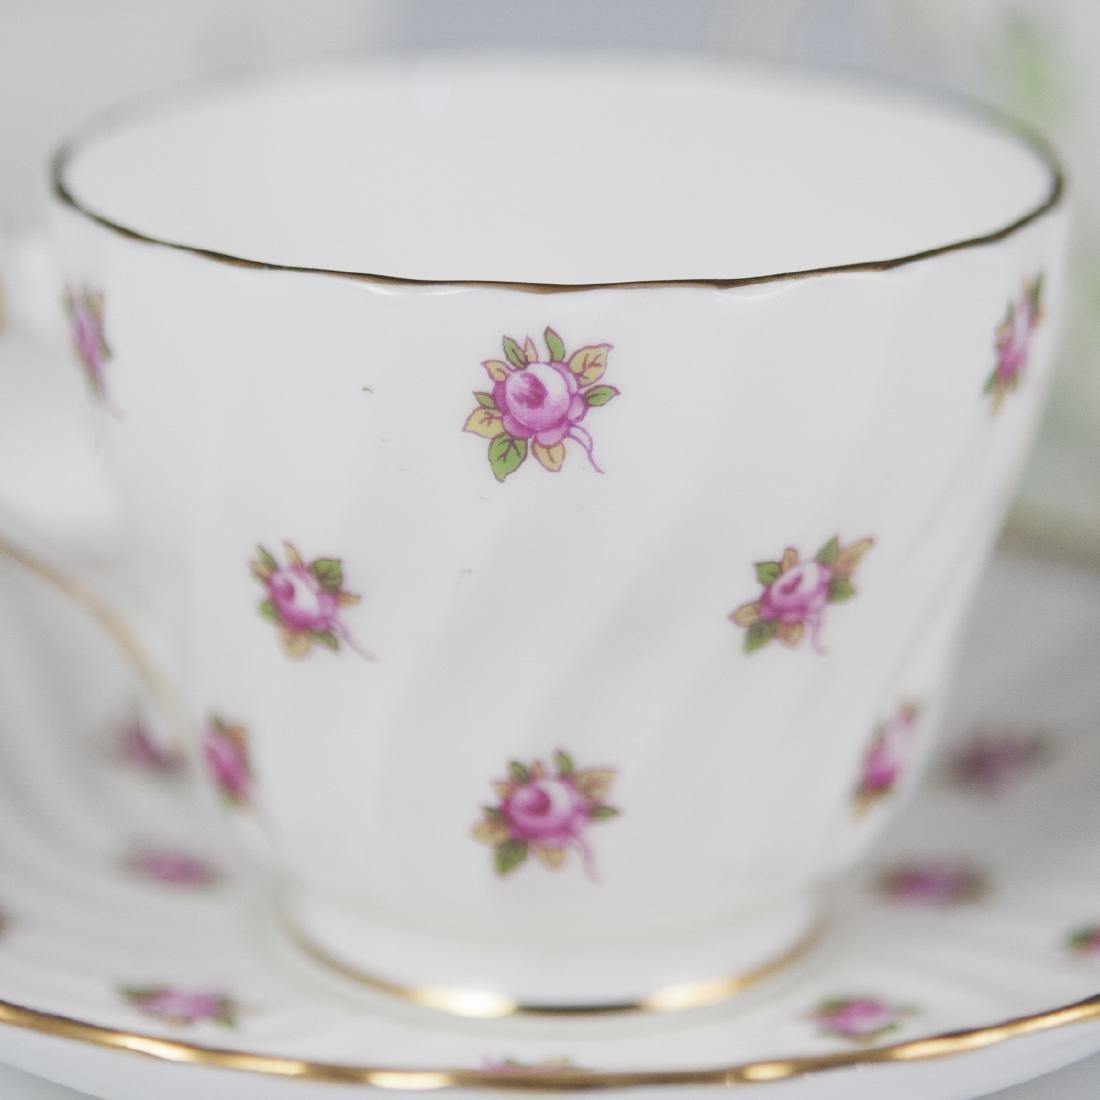 Vintage Porcelain Tea Cups - 2